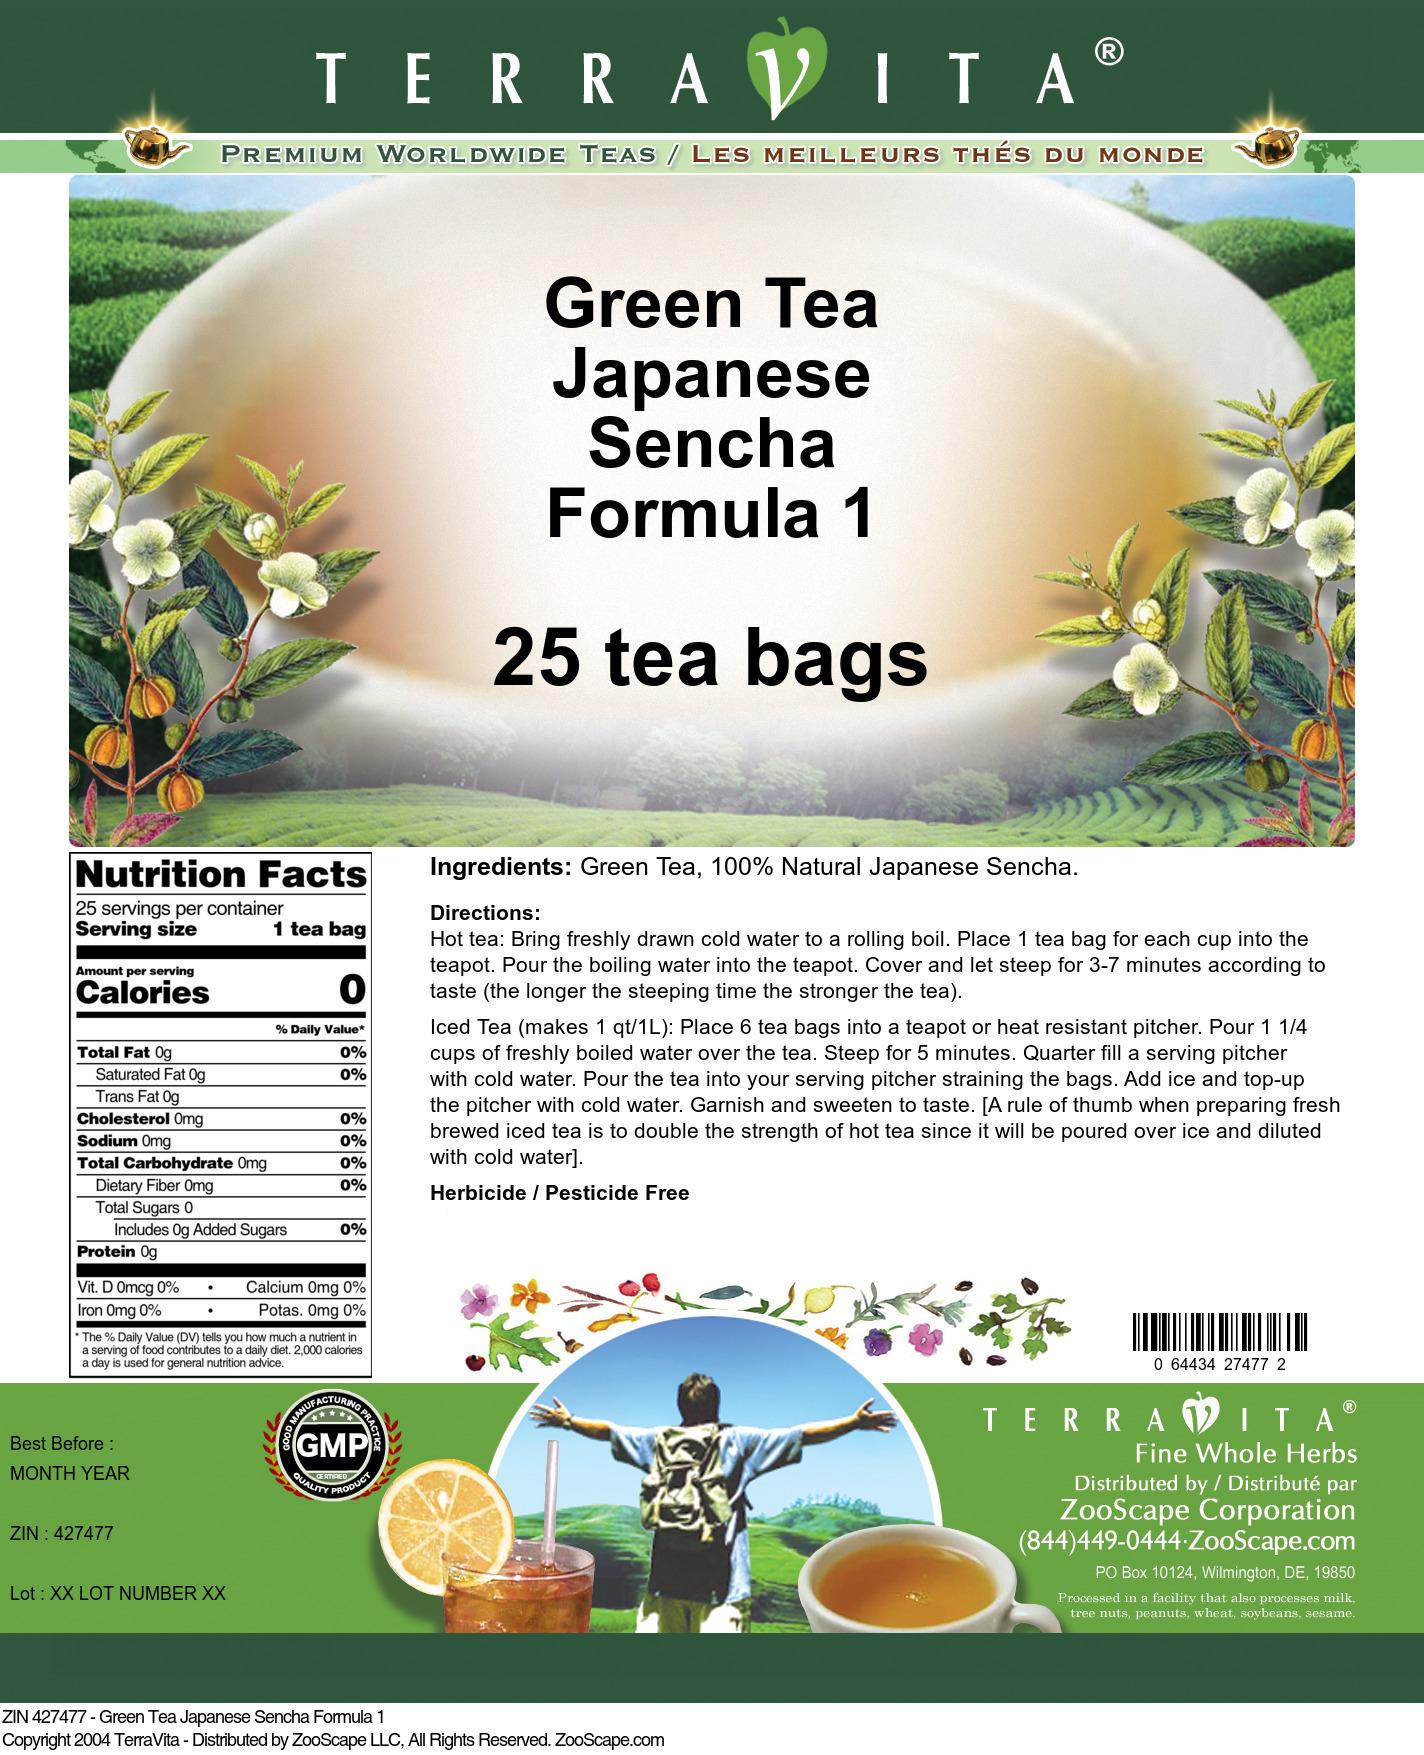 Green Tea Japanese Sencha Formula 1